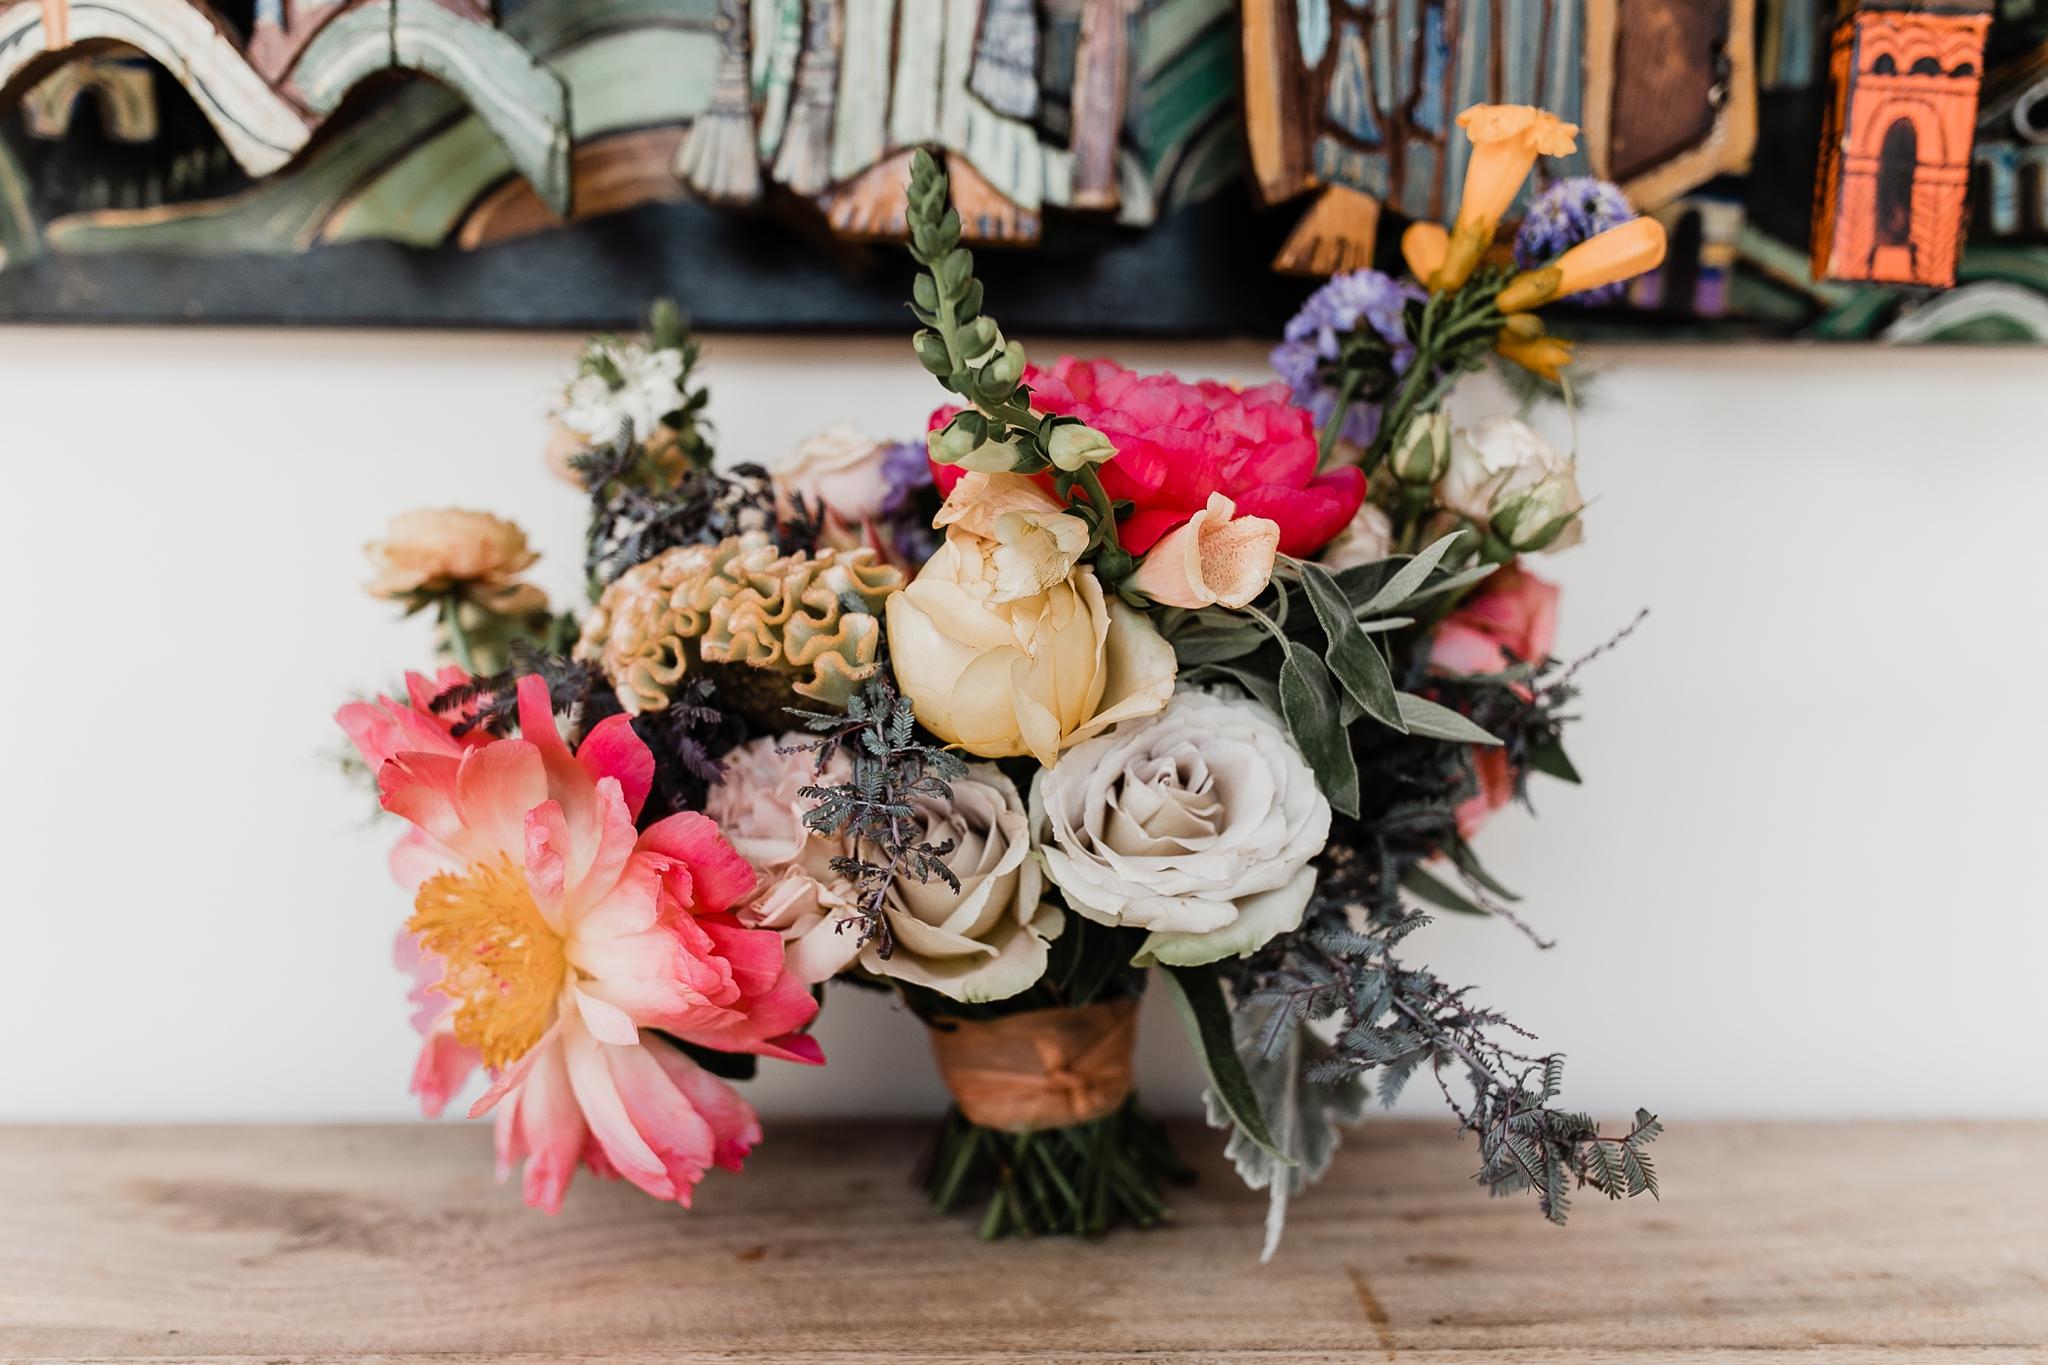 Alicia+lucia+photography+-+albuquerque+wedding+photographer+-+santa+fe+wedding+photography+-+new+mexico+wedding+photographer+-+new+mexico+wedding+-+summer+wedding+-+summer+wedding+florals+-+southwest+wedding_0040.jpg